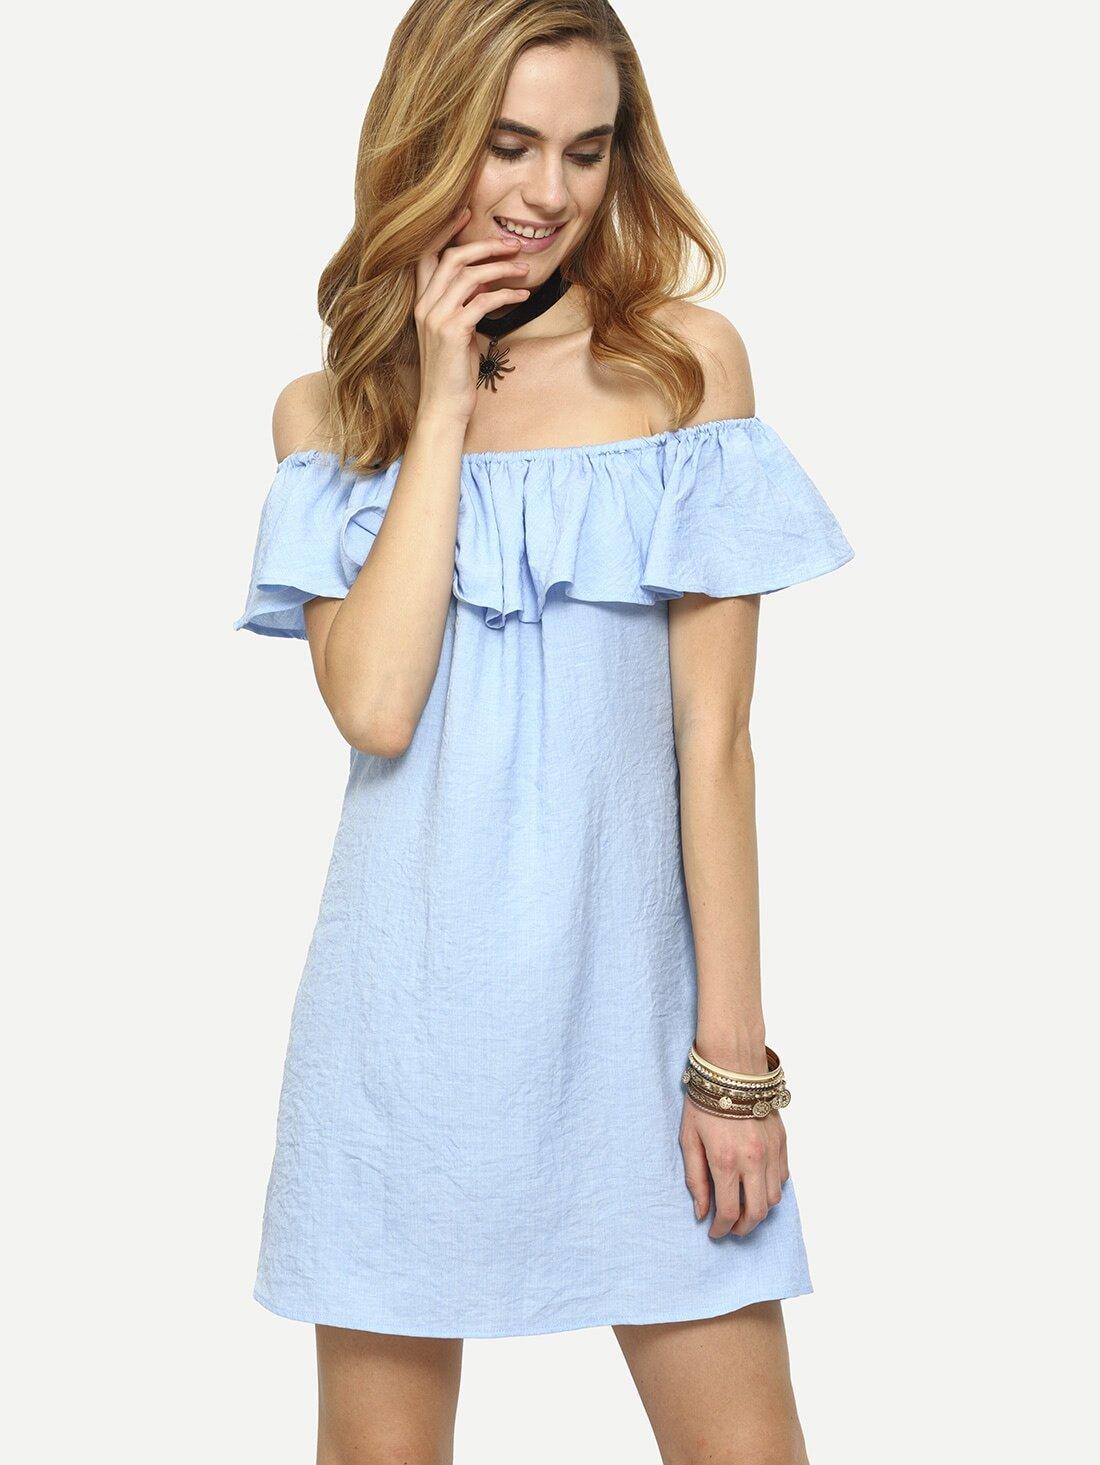 Cute Dresses- Stylish Cute Cheap Dresses - Romwe.com